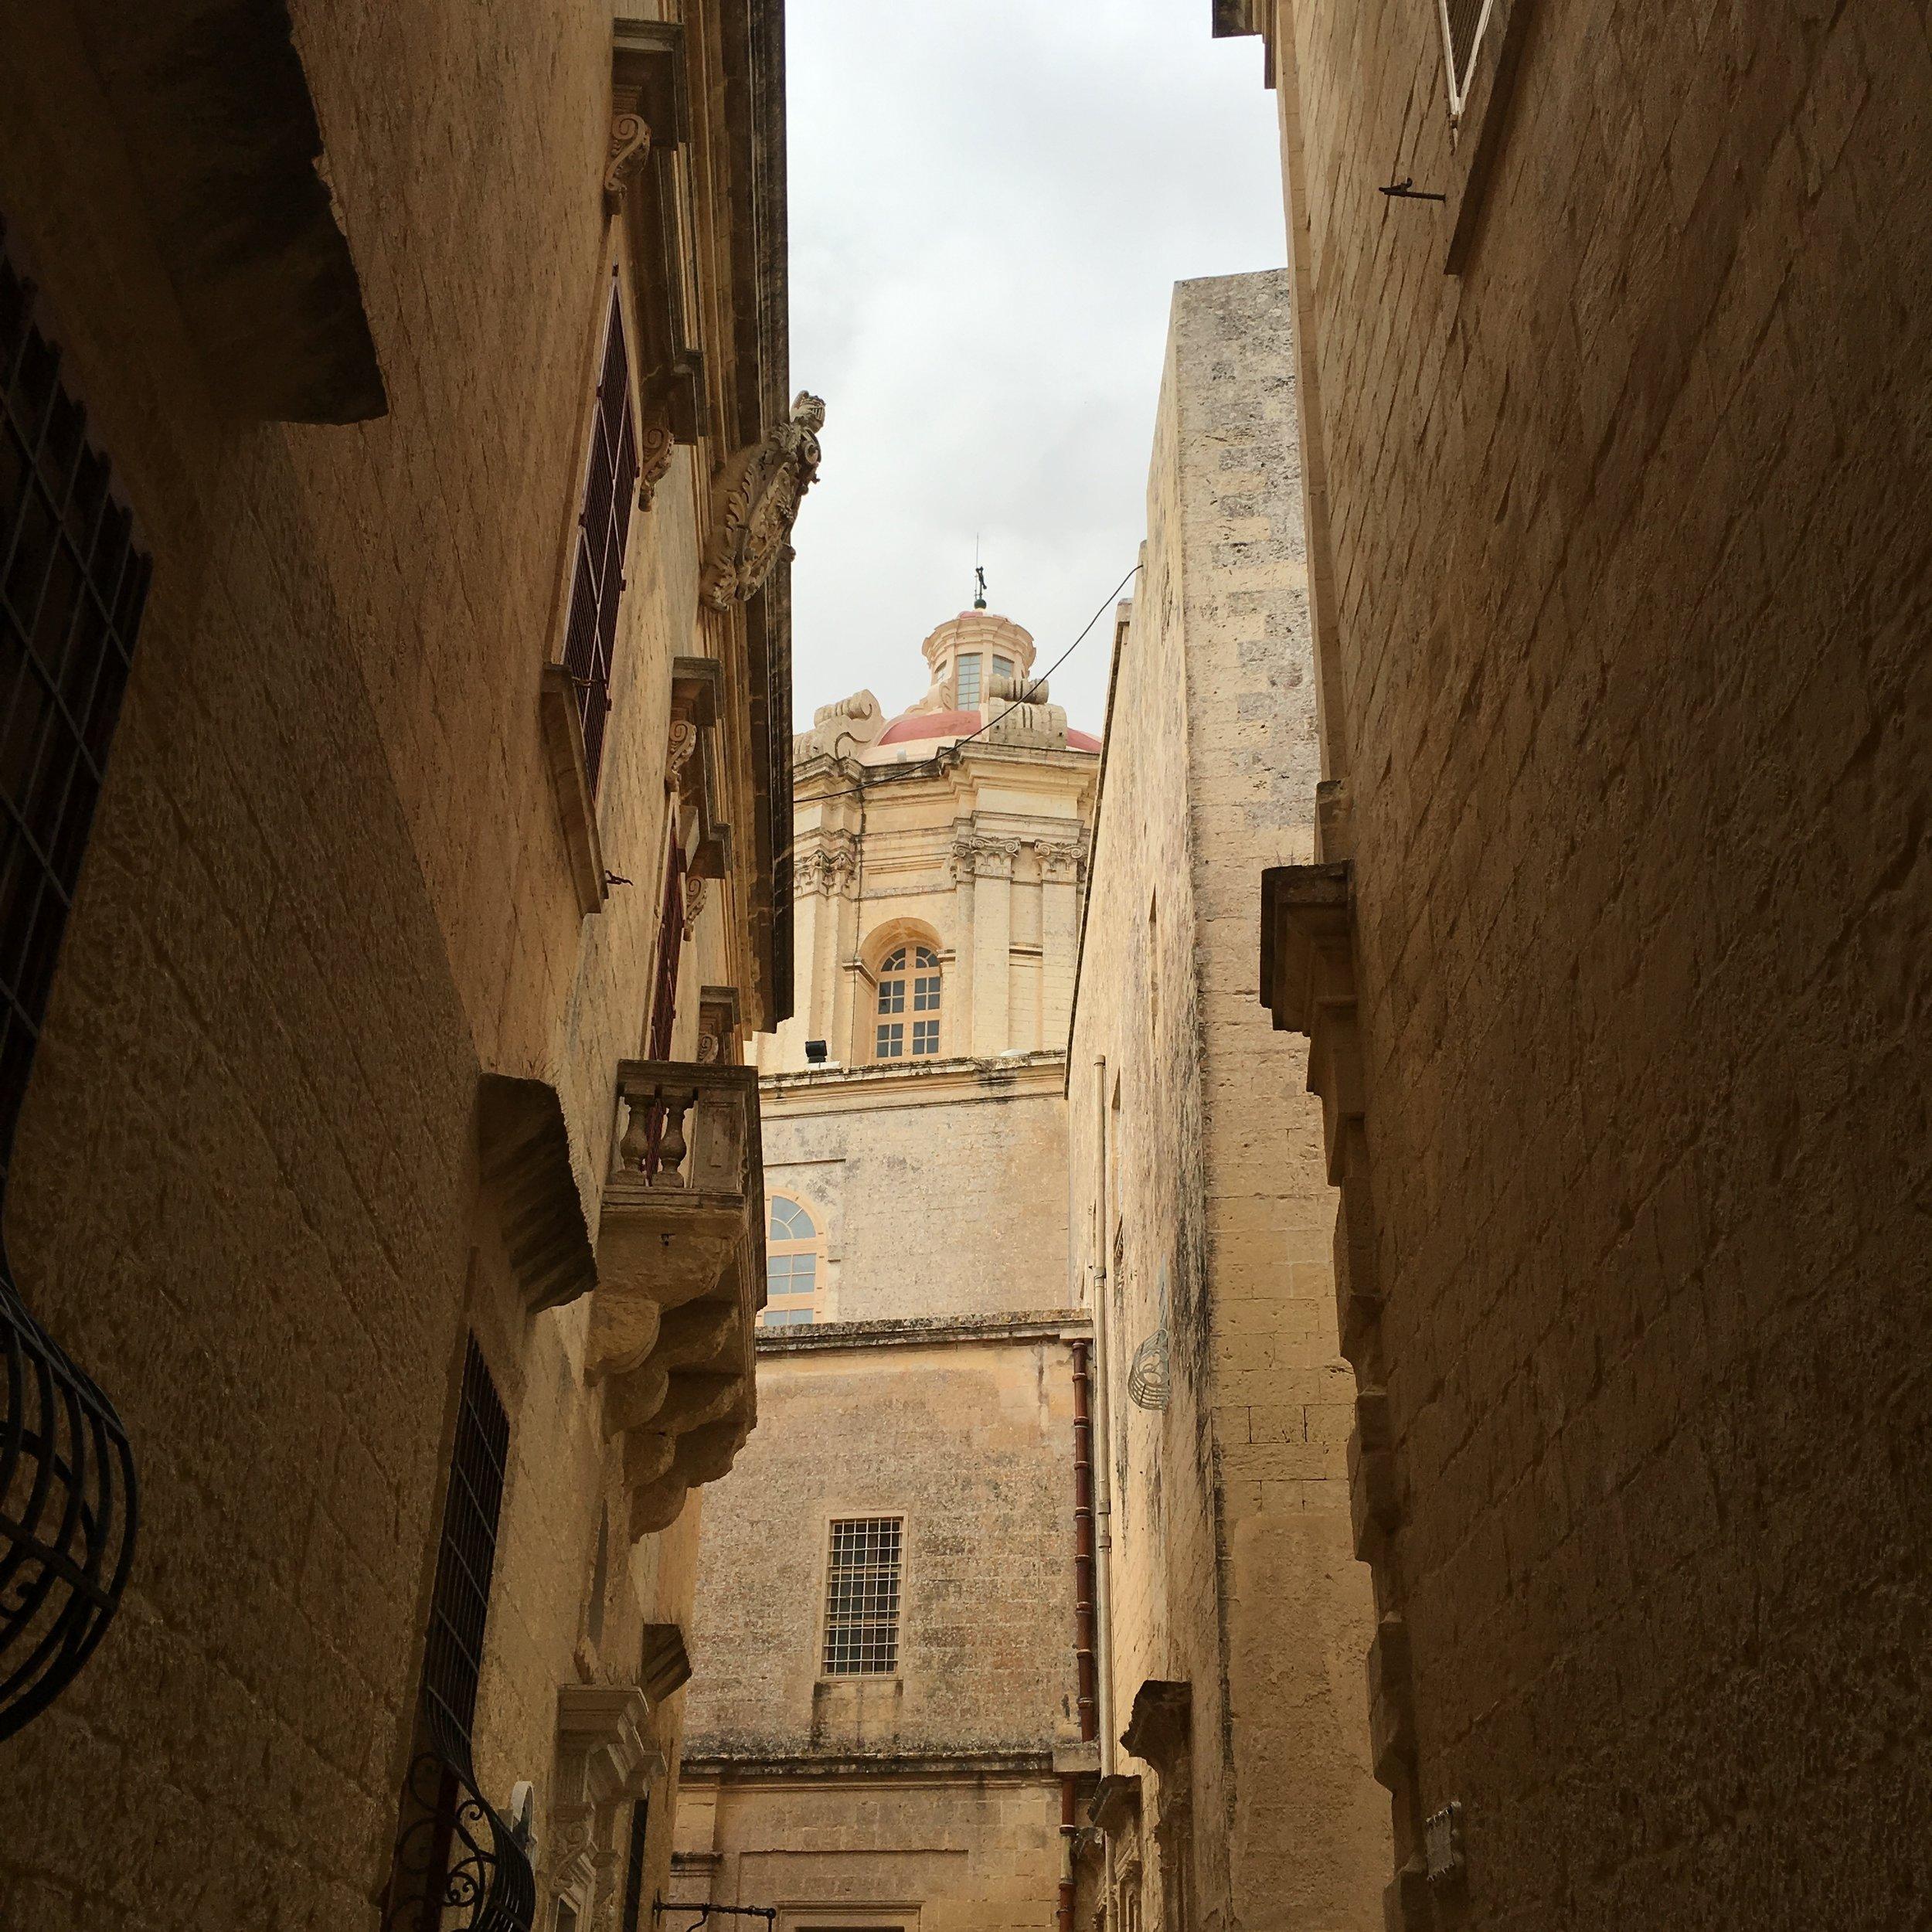 Lozidaze_Malta-Mdina_01